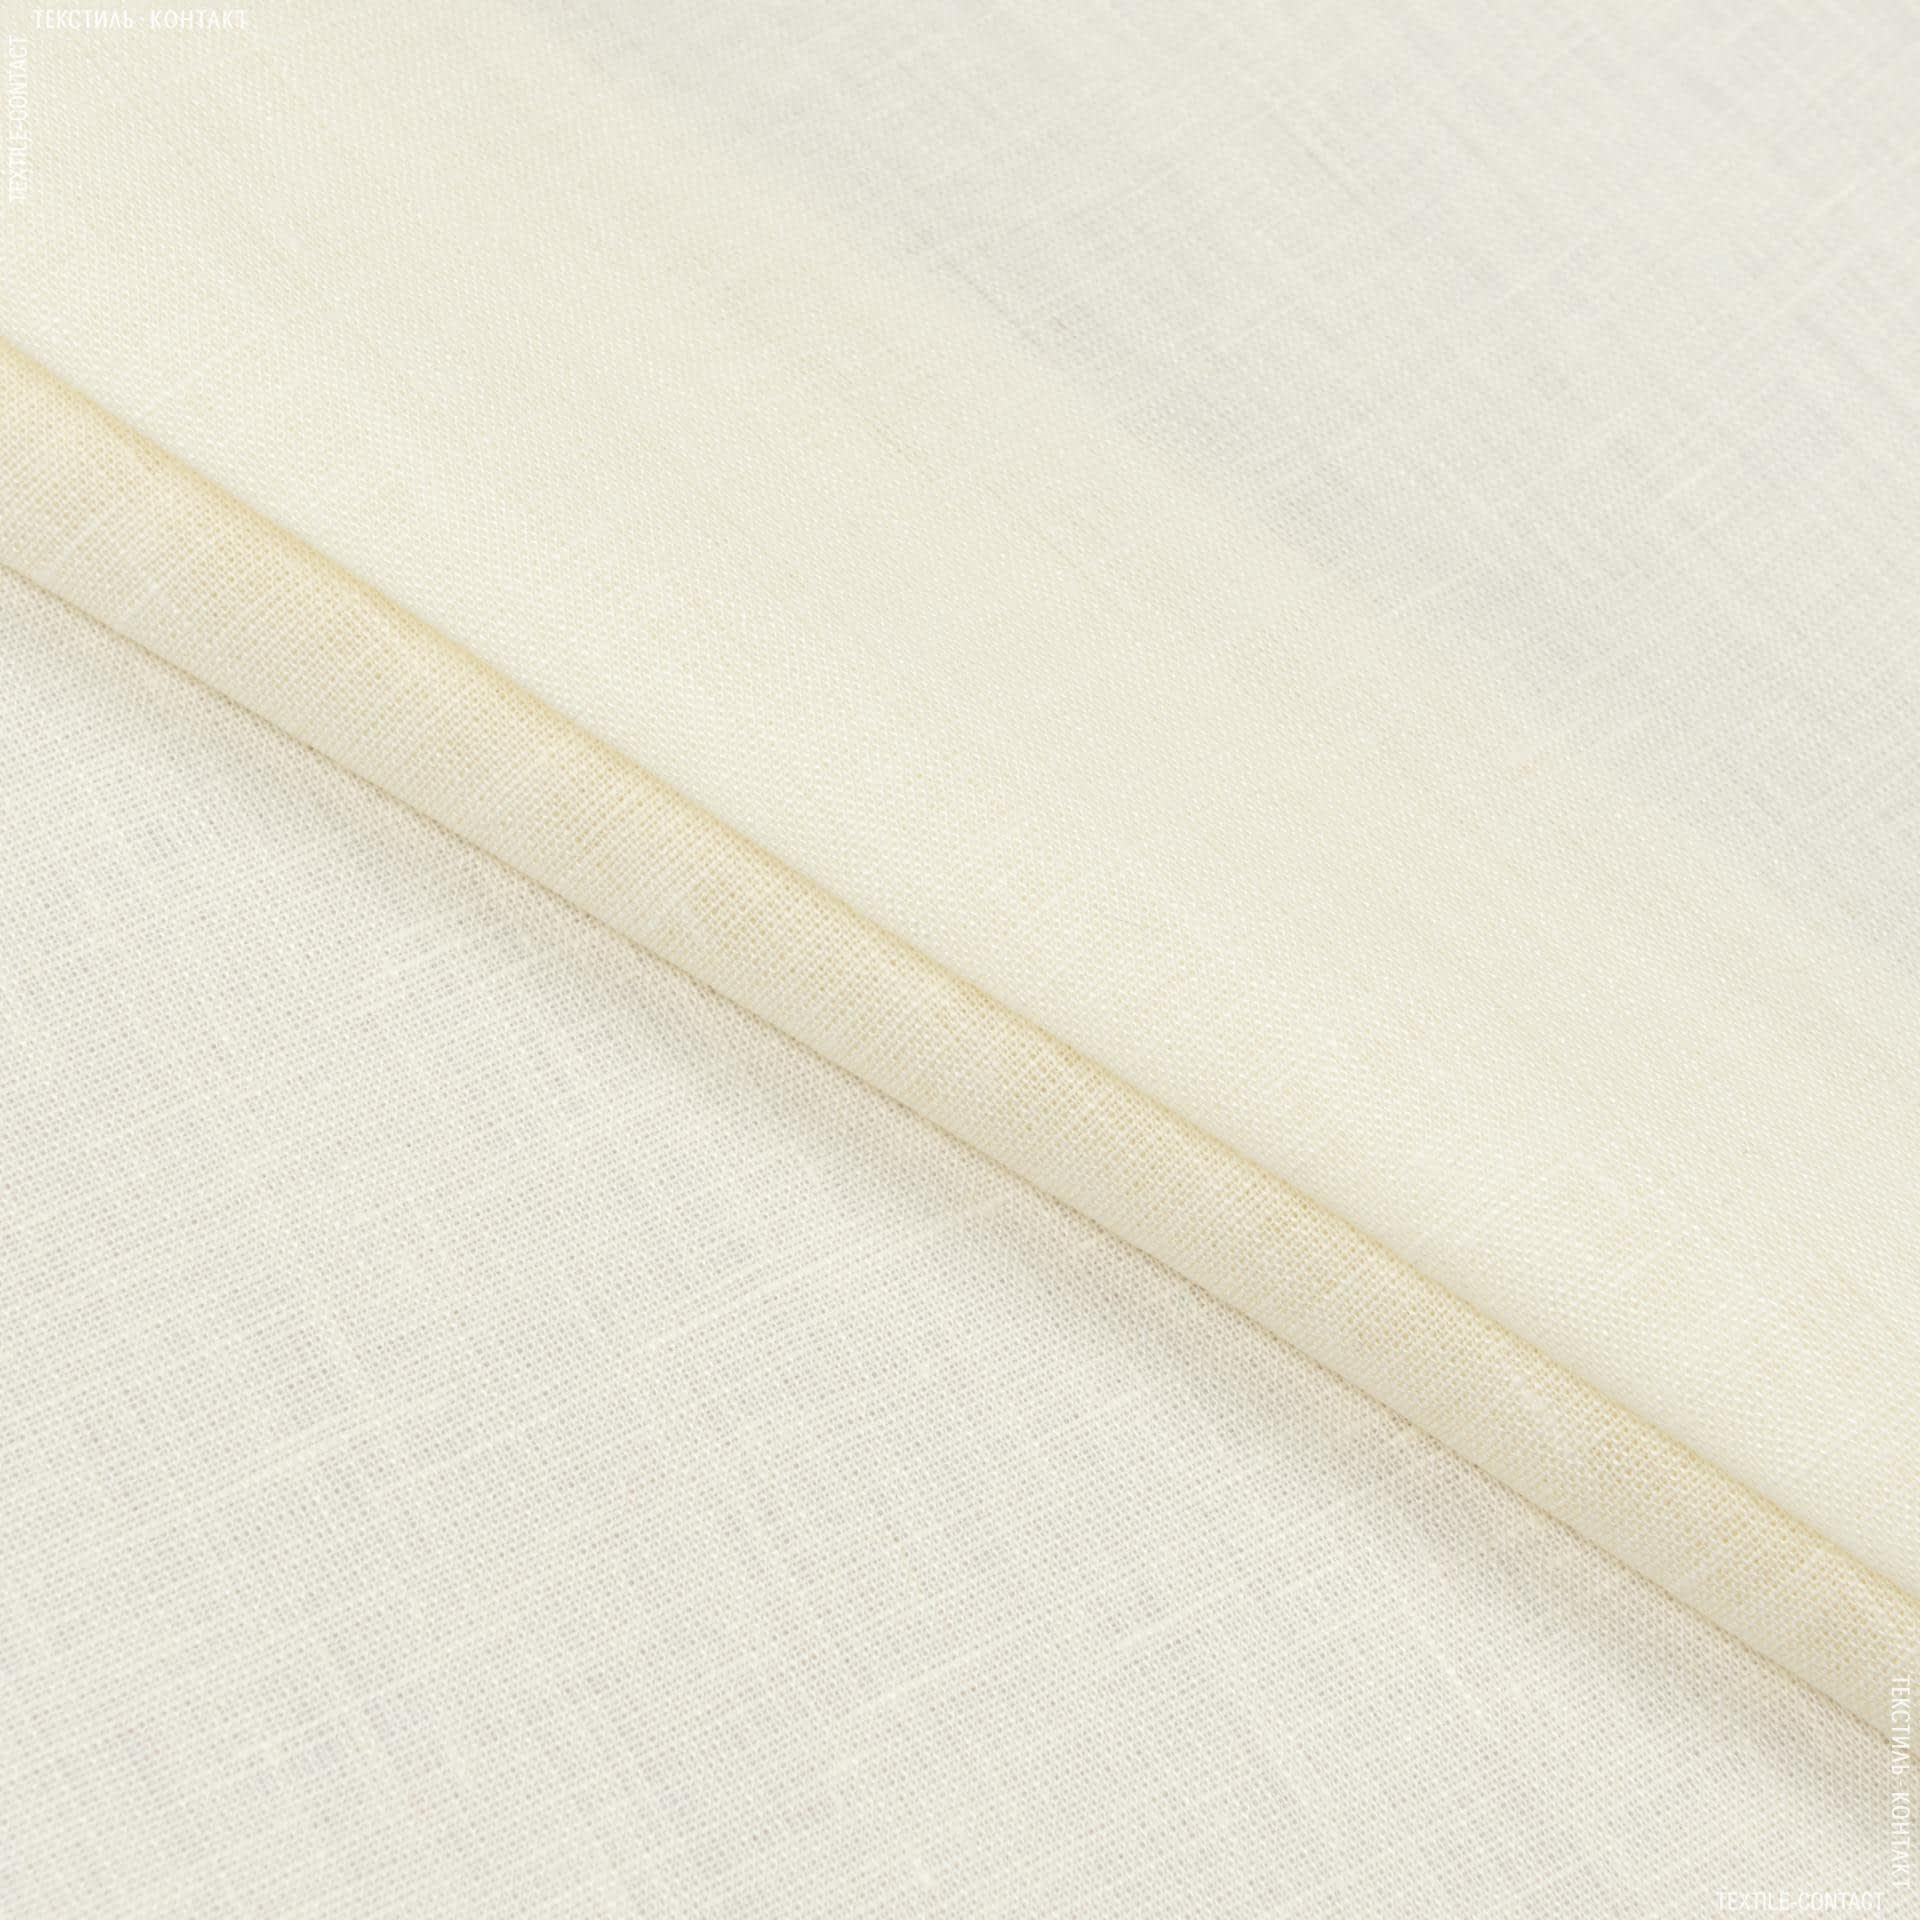 Тканини для суконь - Льон світло-кремовий